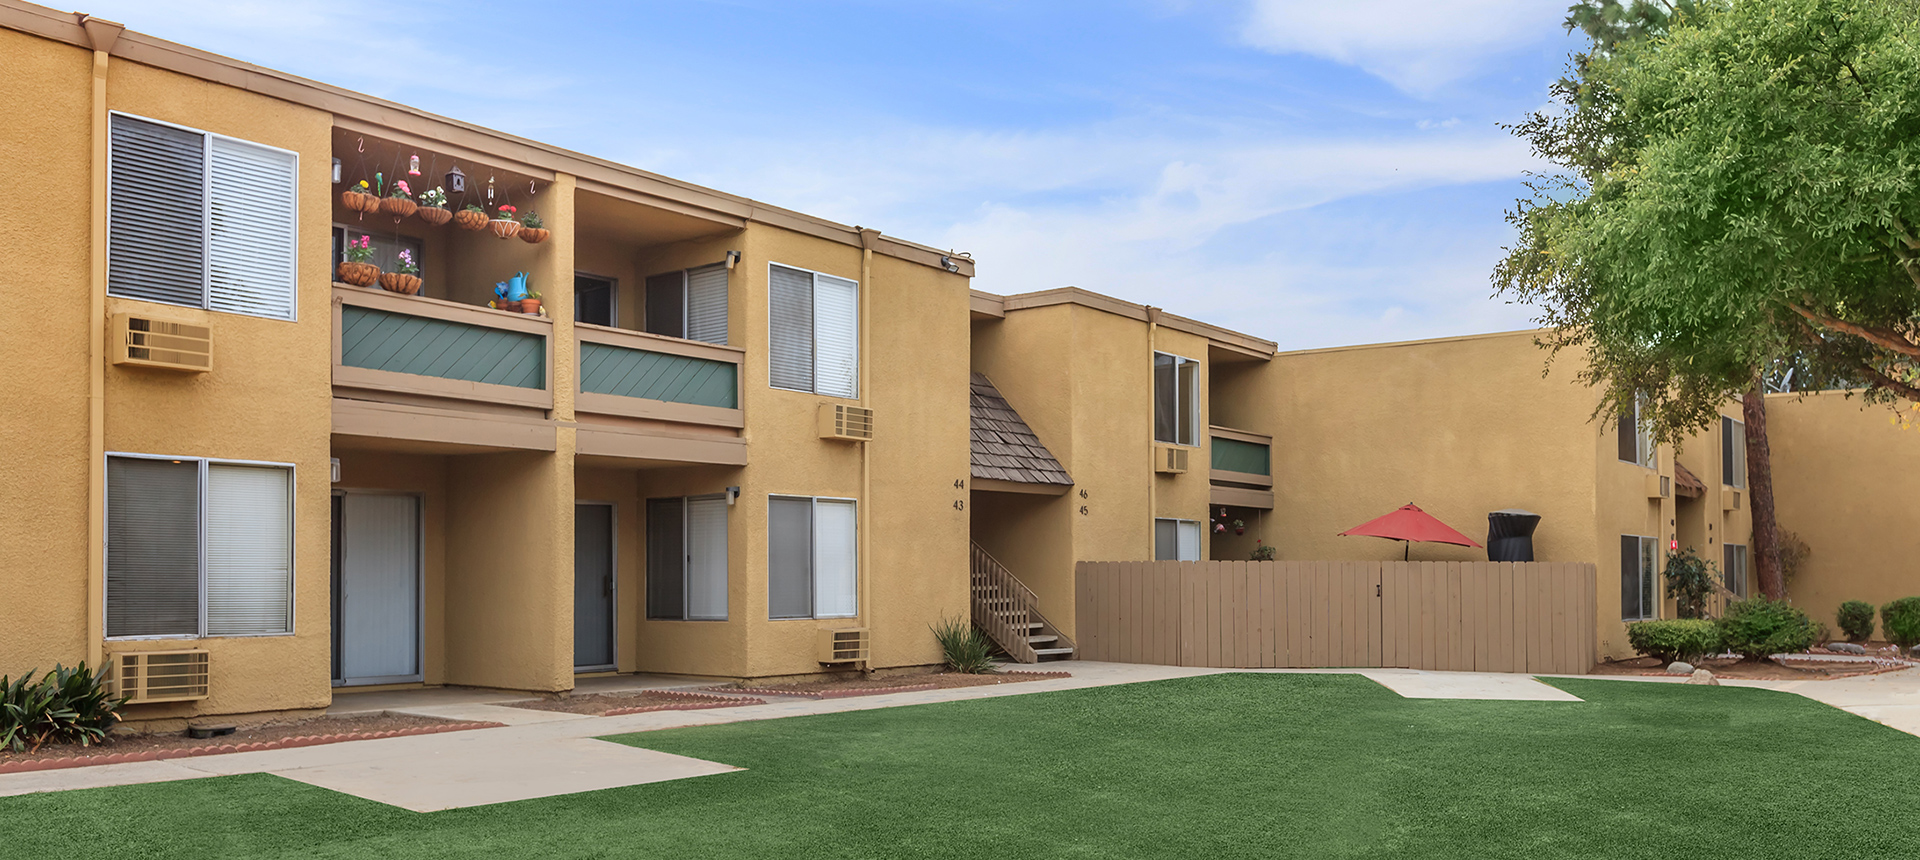 Sun Valley Gardens - Apartments in El Cajon, CA